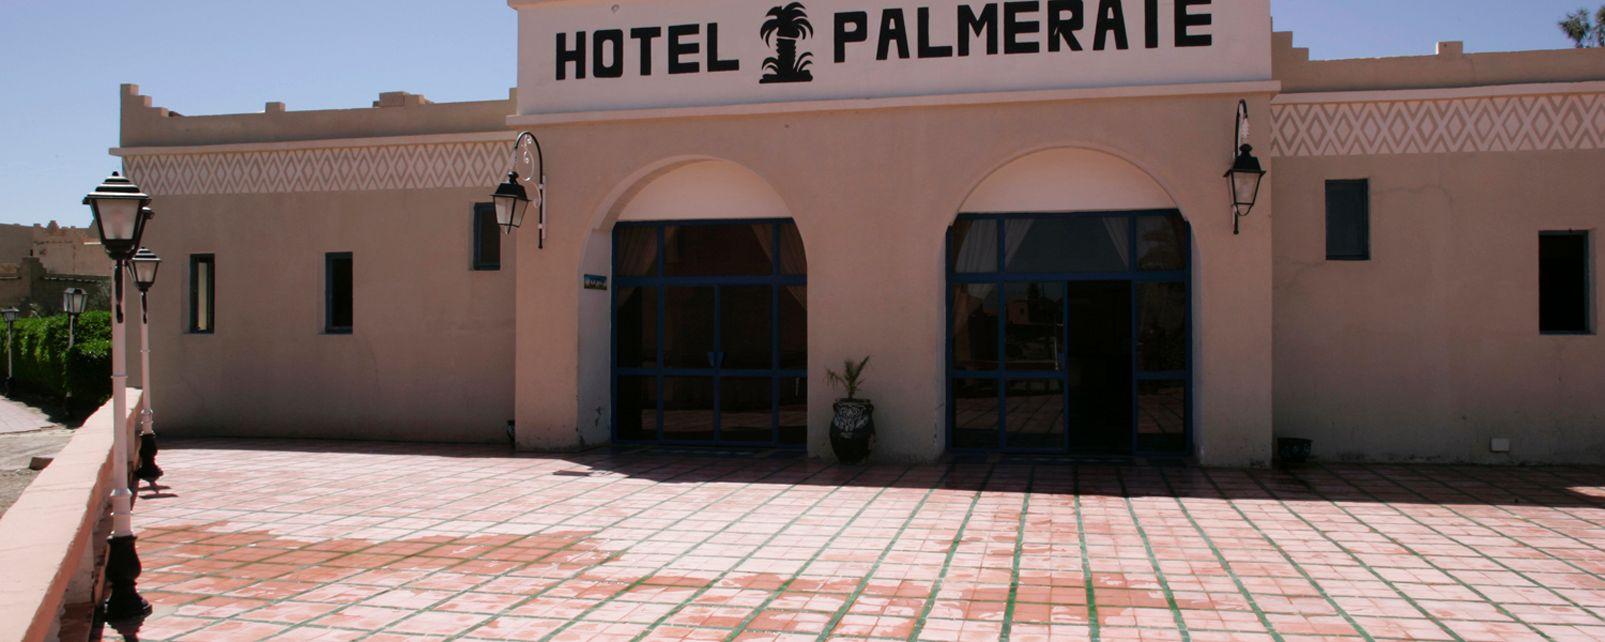 Hôtel Palmeraie